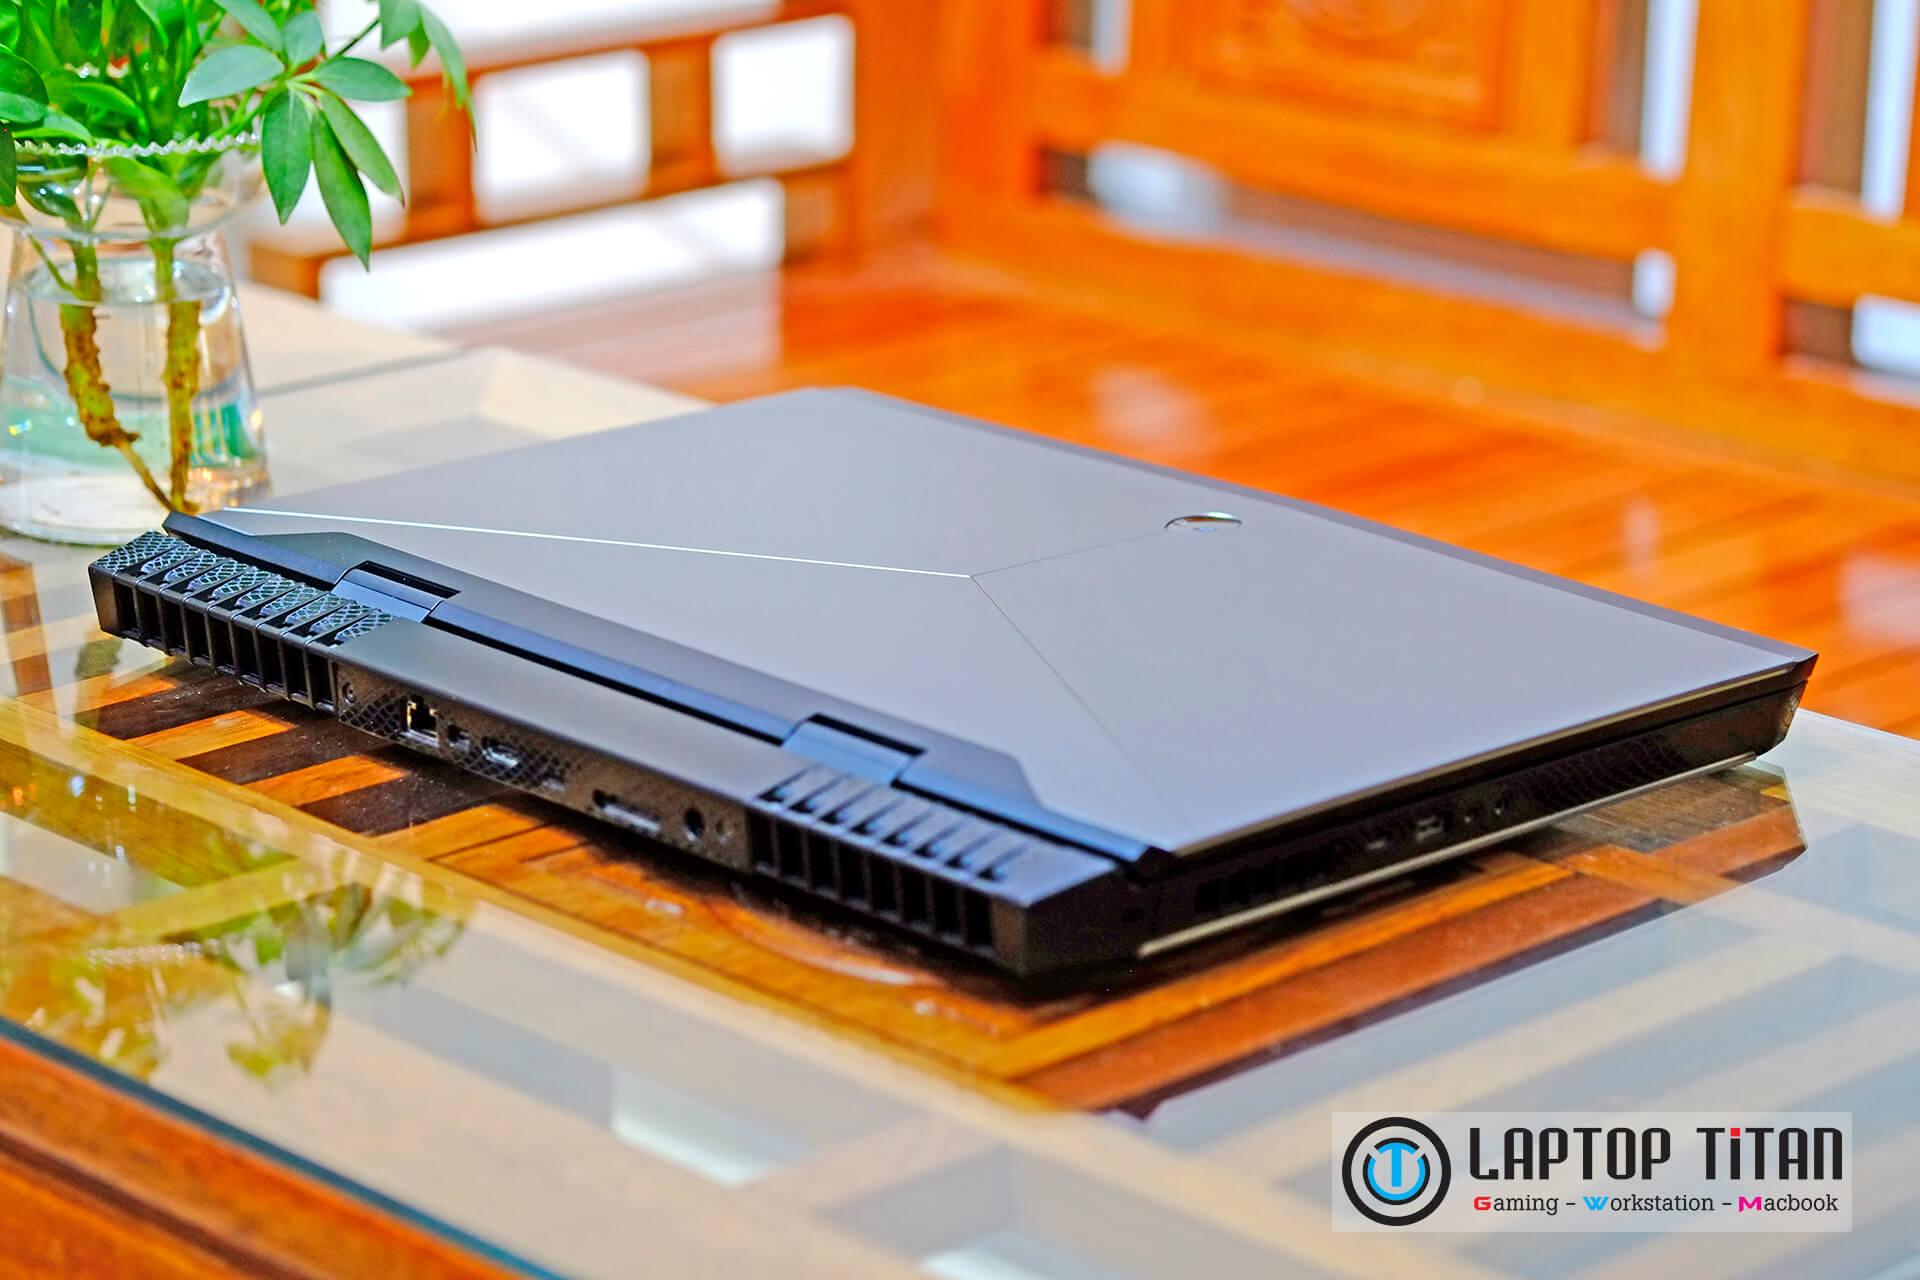 Dell Alienware 17 R4 laptoptitan 0010